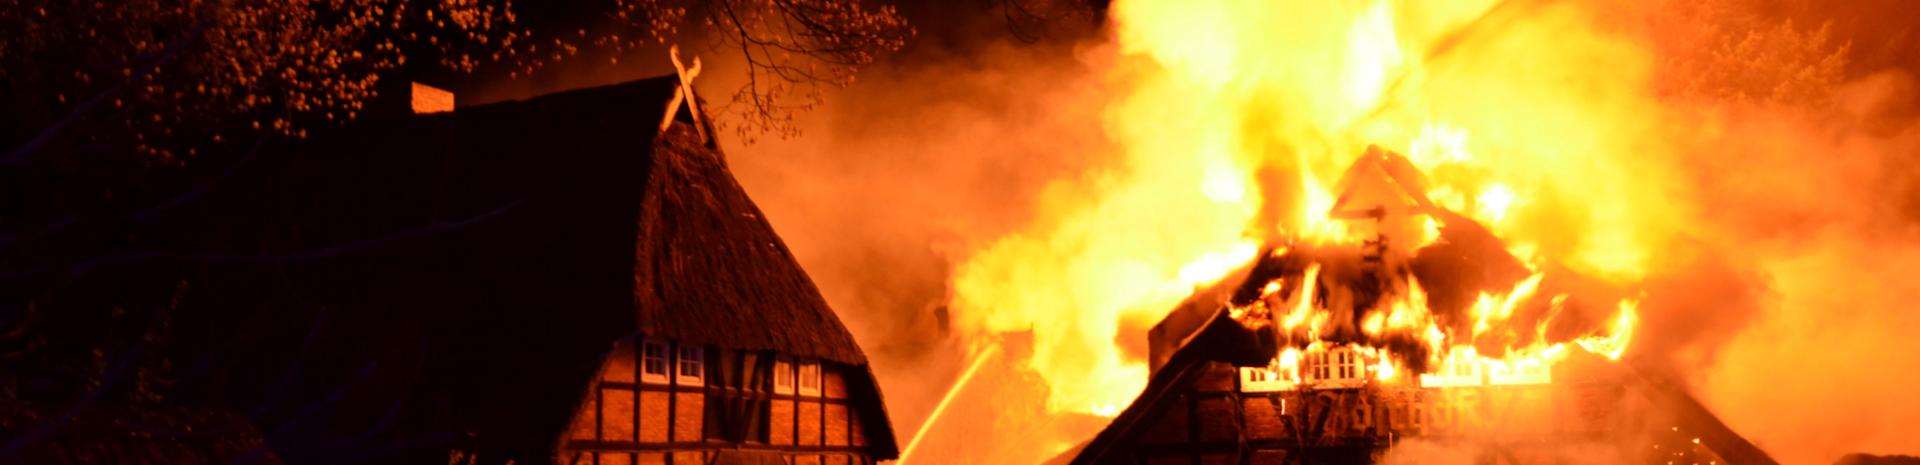 Freiwillige Feuerwehr Samtgemeinde Salzhausen